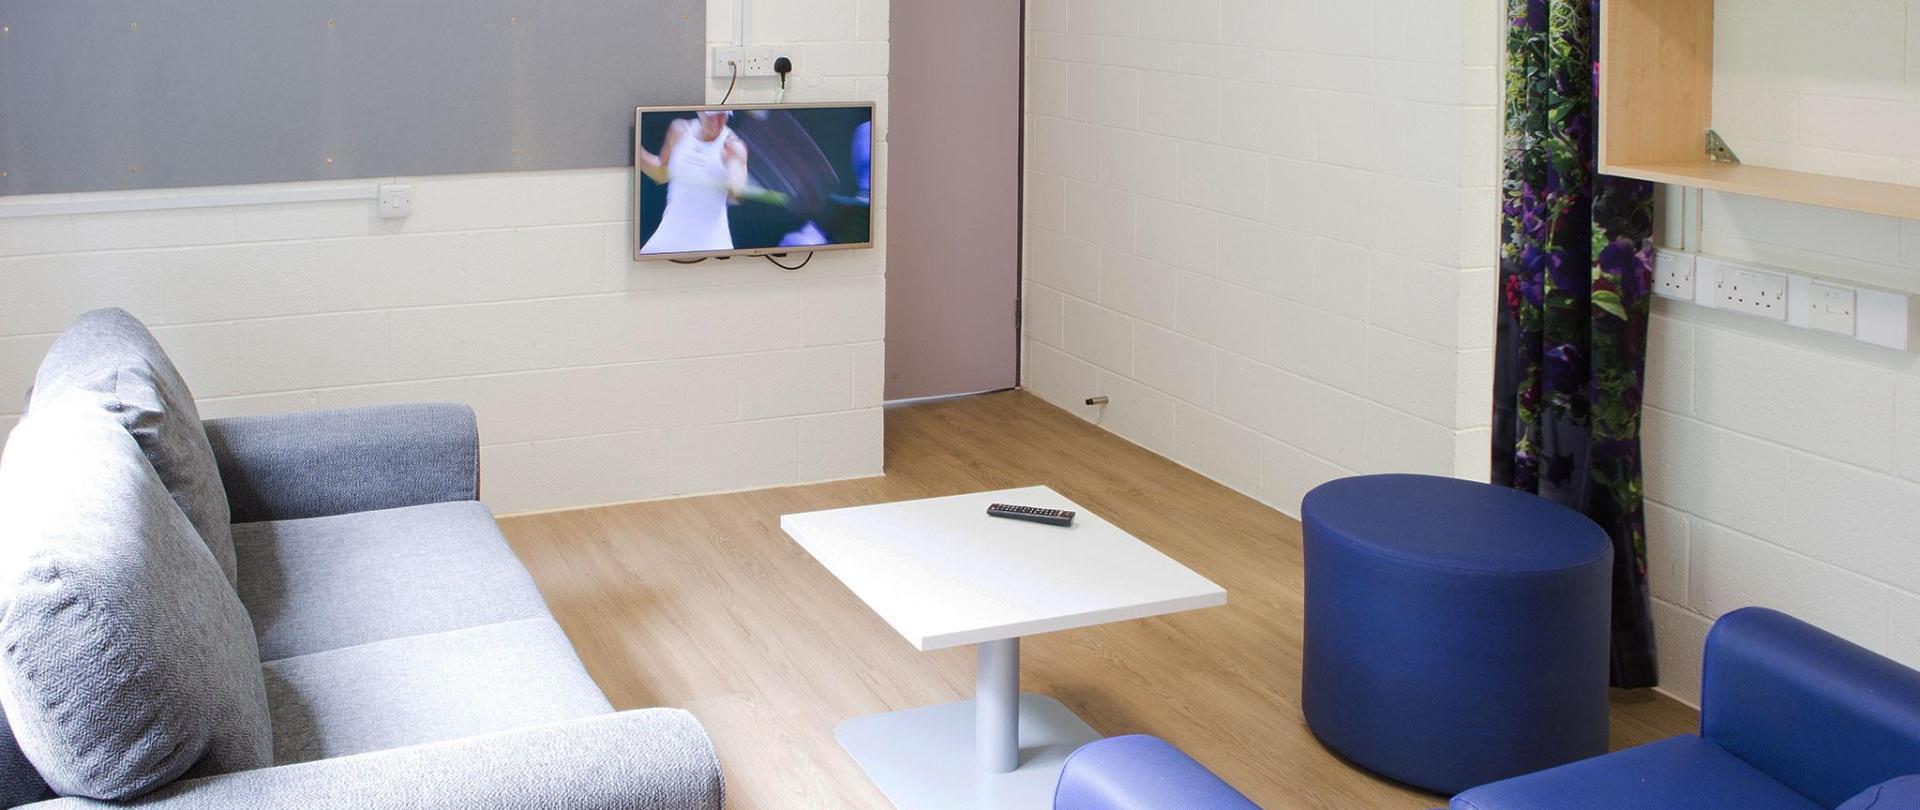 Lounge-in-Eastwood-7-11.jpg